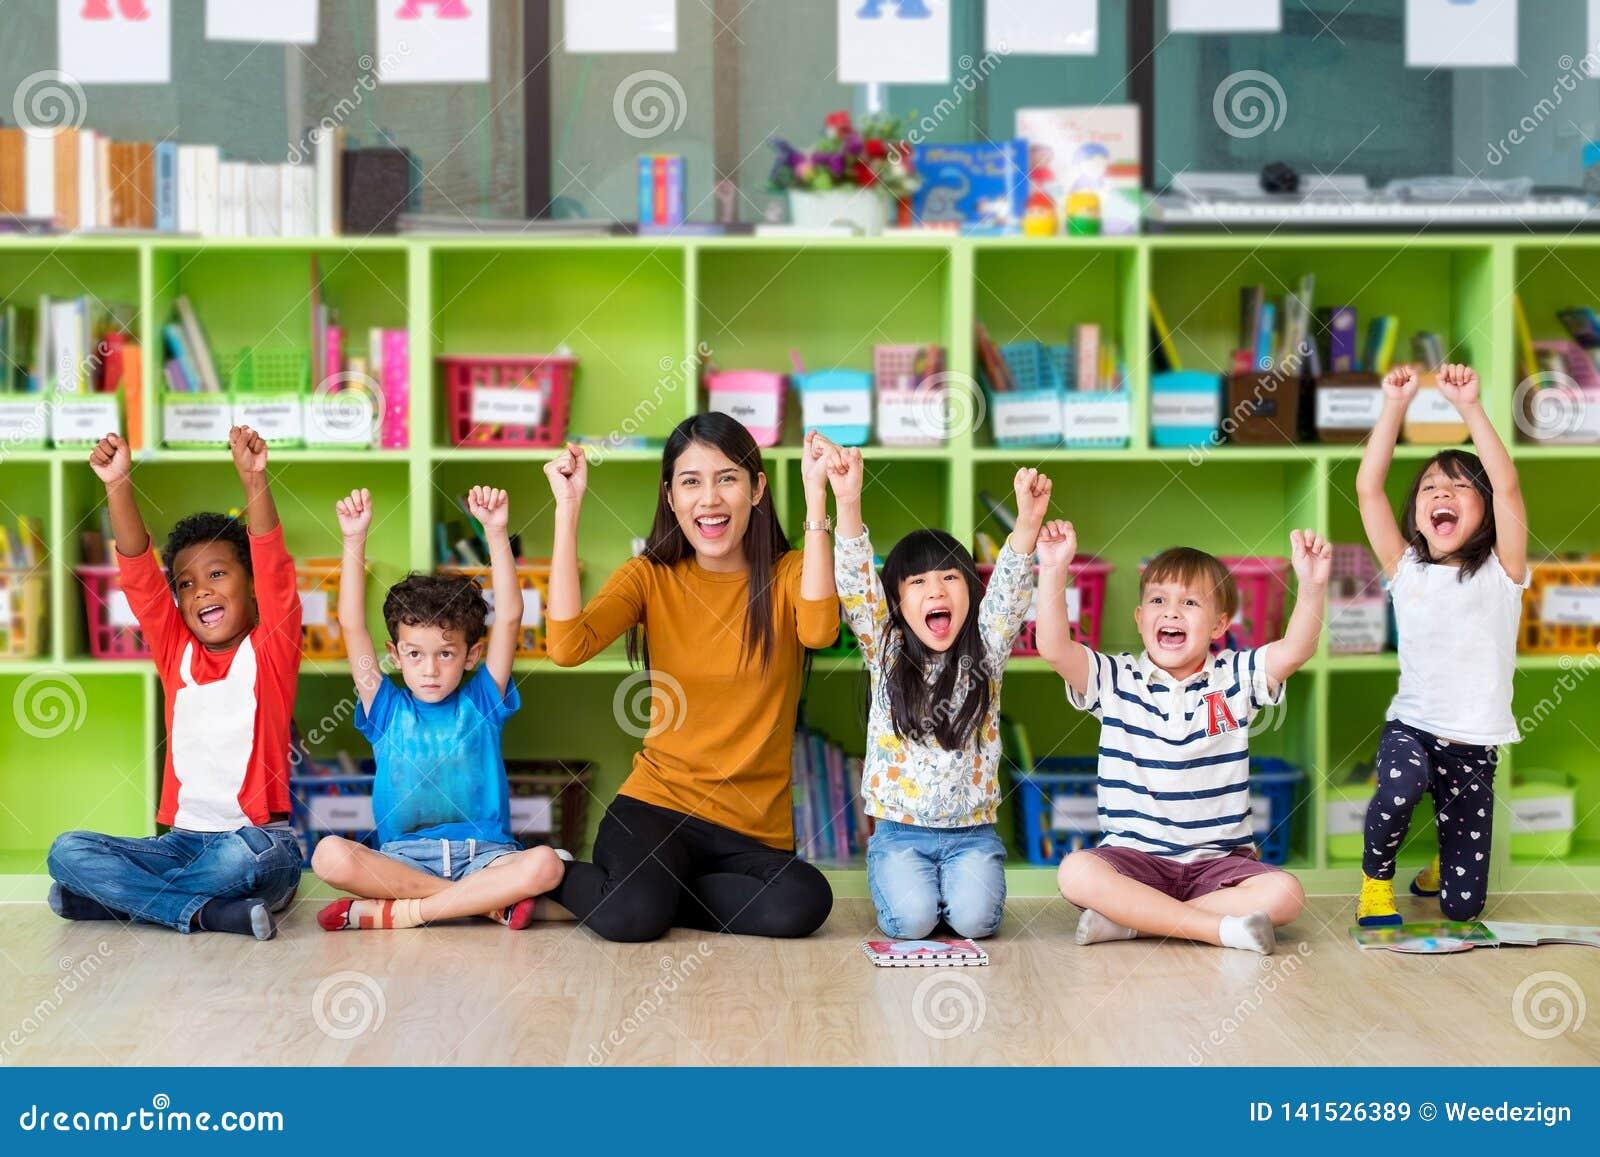 Дети счастливой азиатской учительницы и смешанной гонки в классе, концепции школы детского сада pre